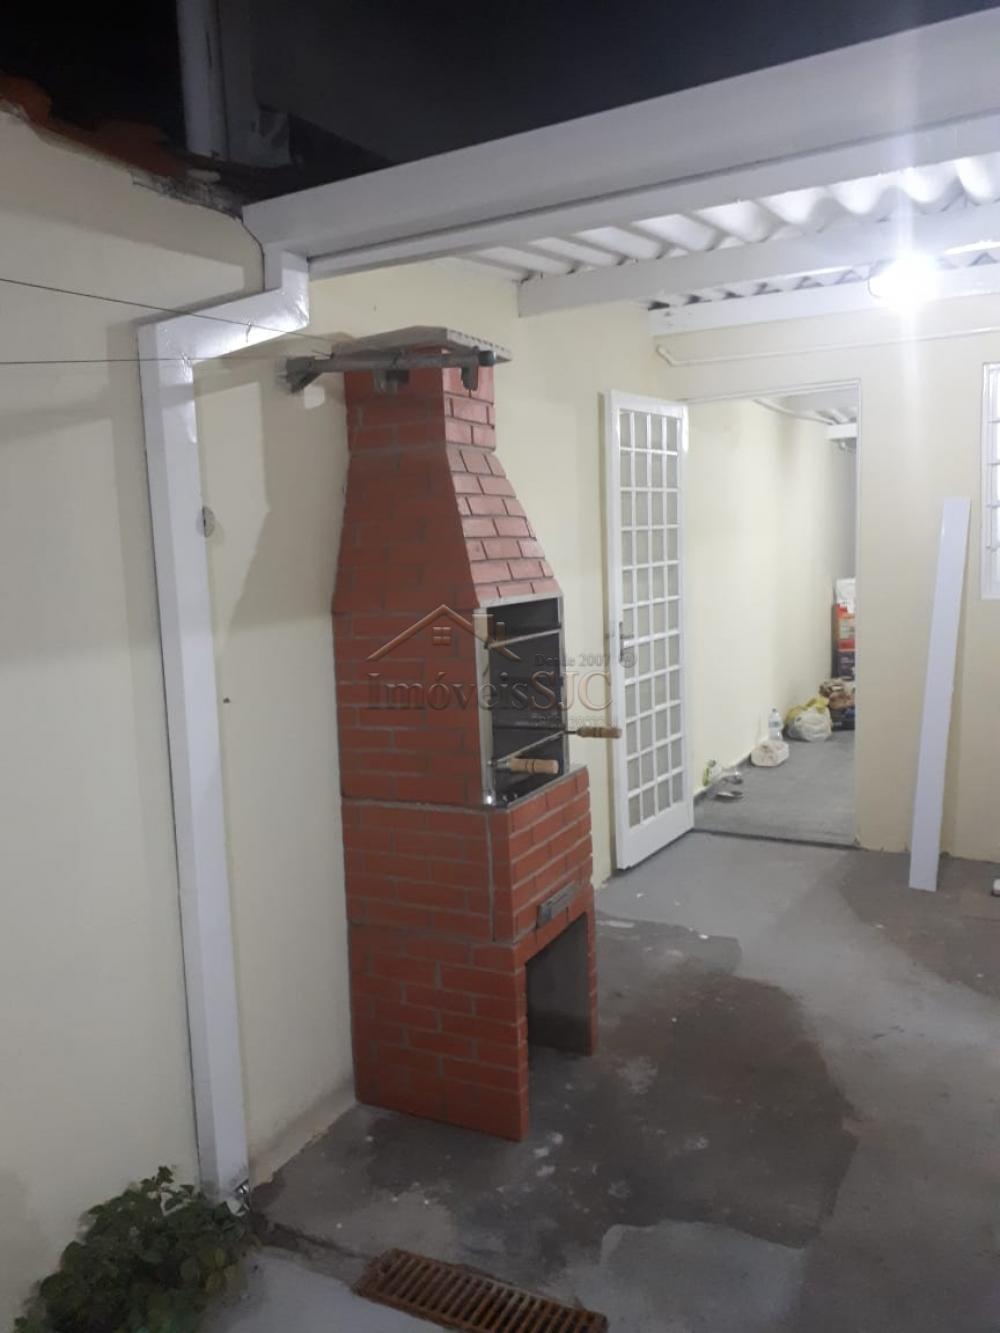 Alugar Casas / Padrão em São José dos Campos apenas R$ 1.500,00 - Foto 8